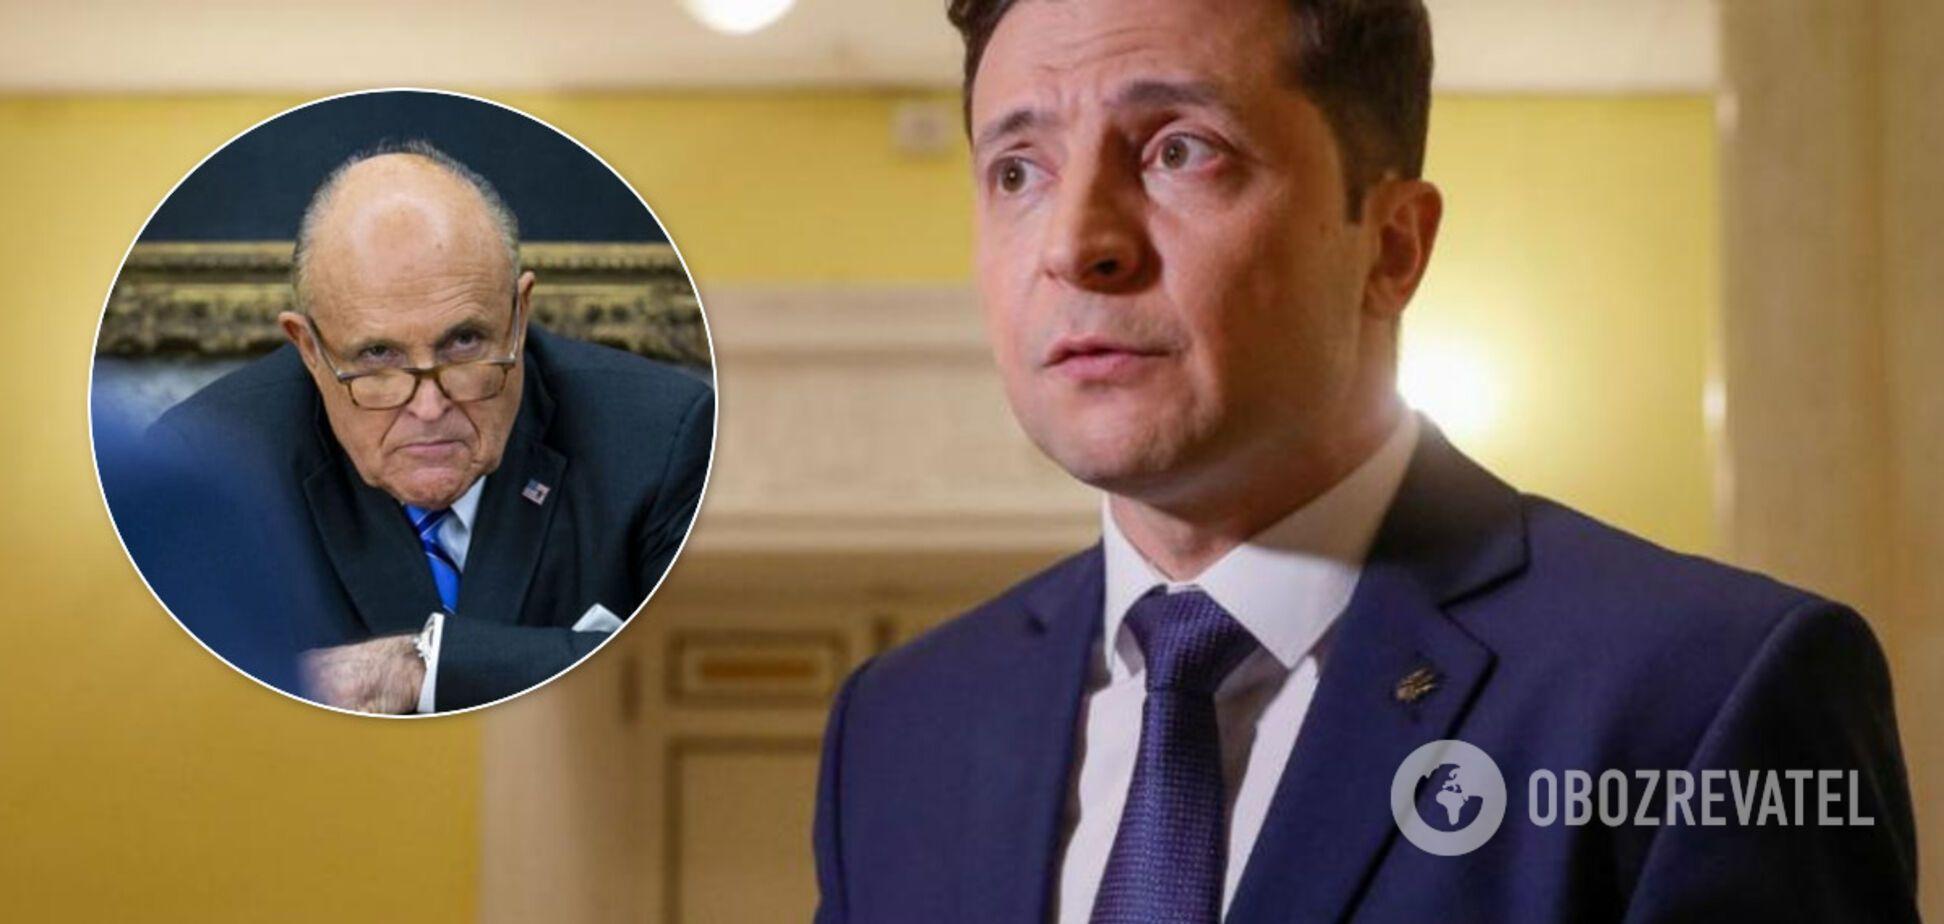 Зеленський вирішив уникати адвоката Трампа – CNN